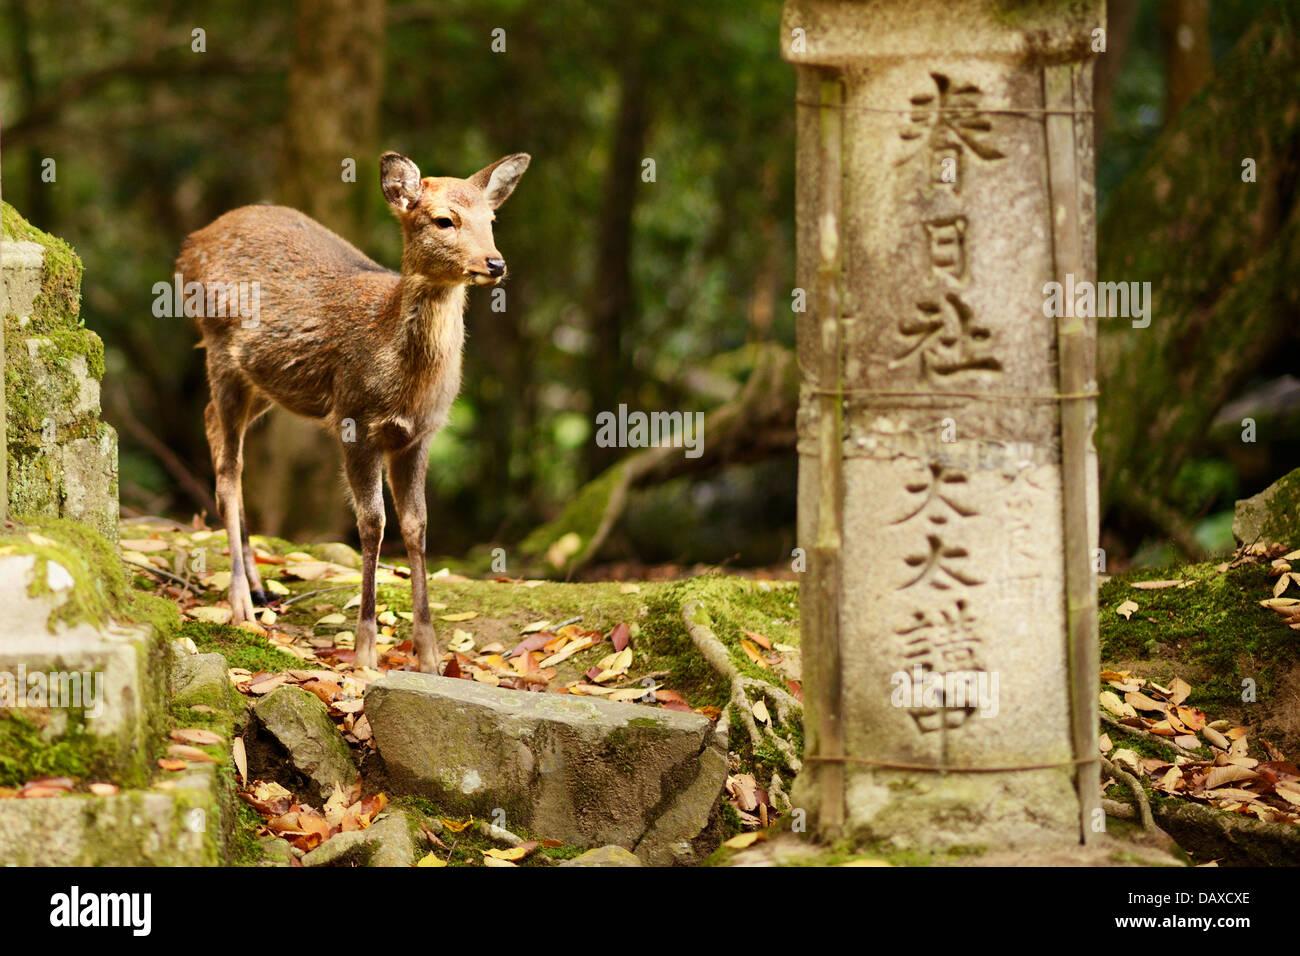 Nara deer se promènent en liberté dans le Parc de Nara, au Japon. Photo Stock